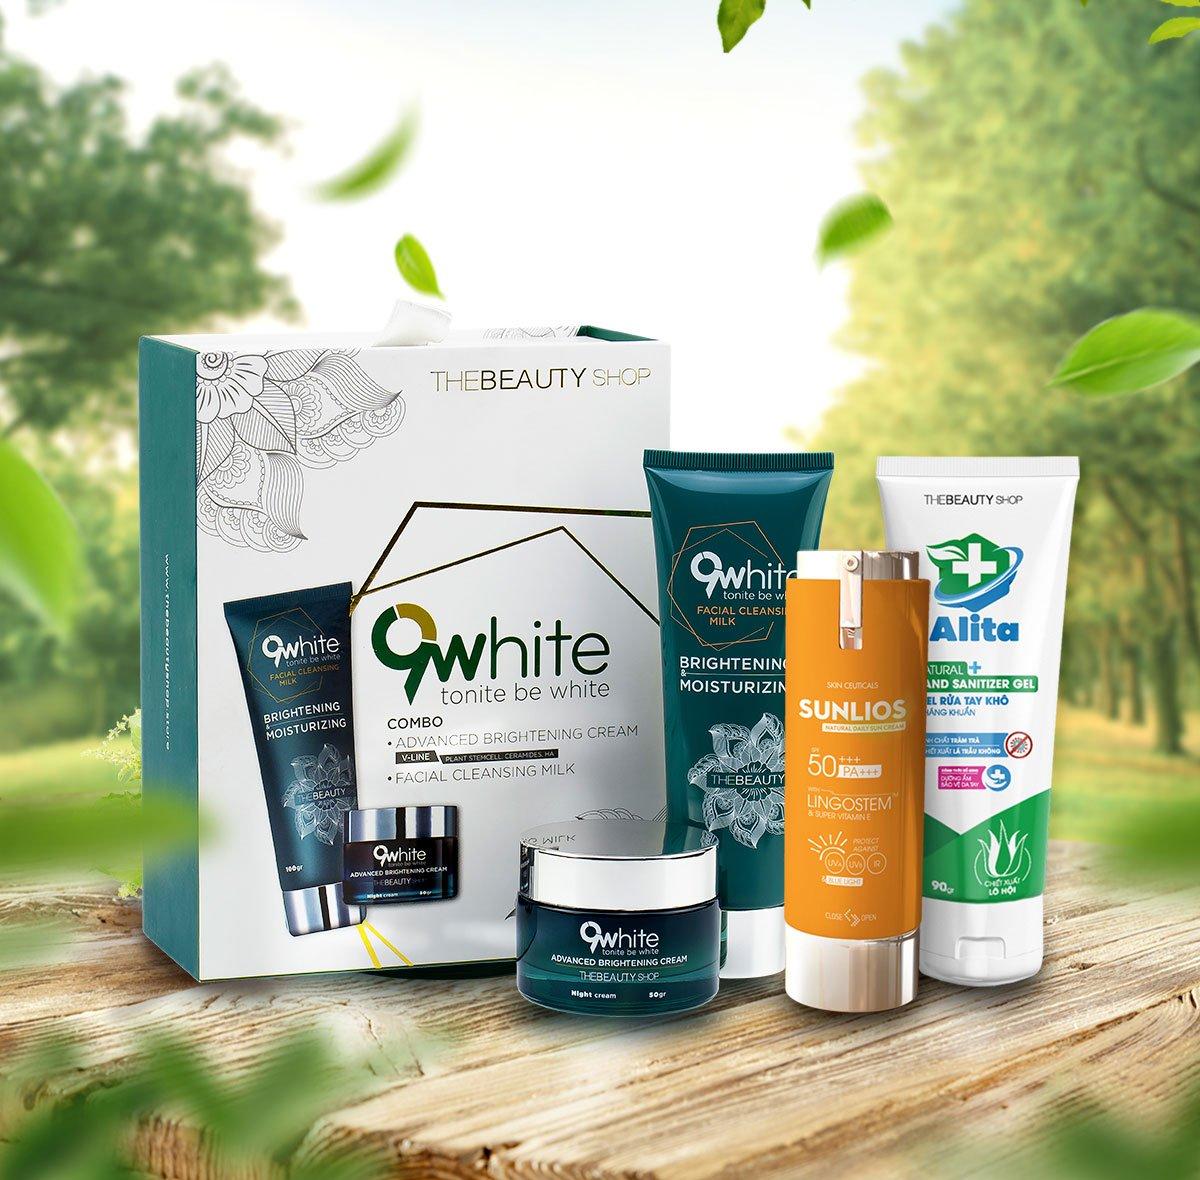 Sữa rửa mặt, kem dưỡng trắng 9White và kem chống nắng dưỡng da Sunlios giúp trẻ hóa làn da, ngăn ngừa mụn, bảo vệ da trước tia UV, ánh sáng xanh.